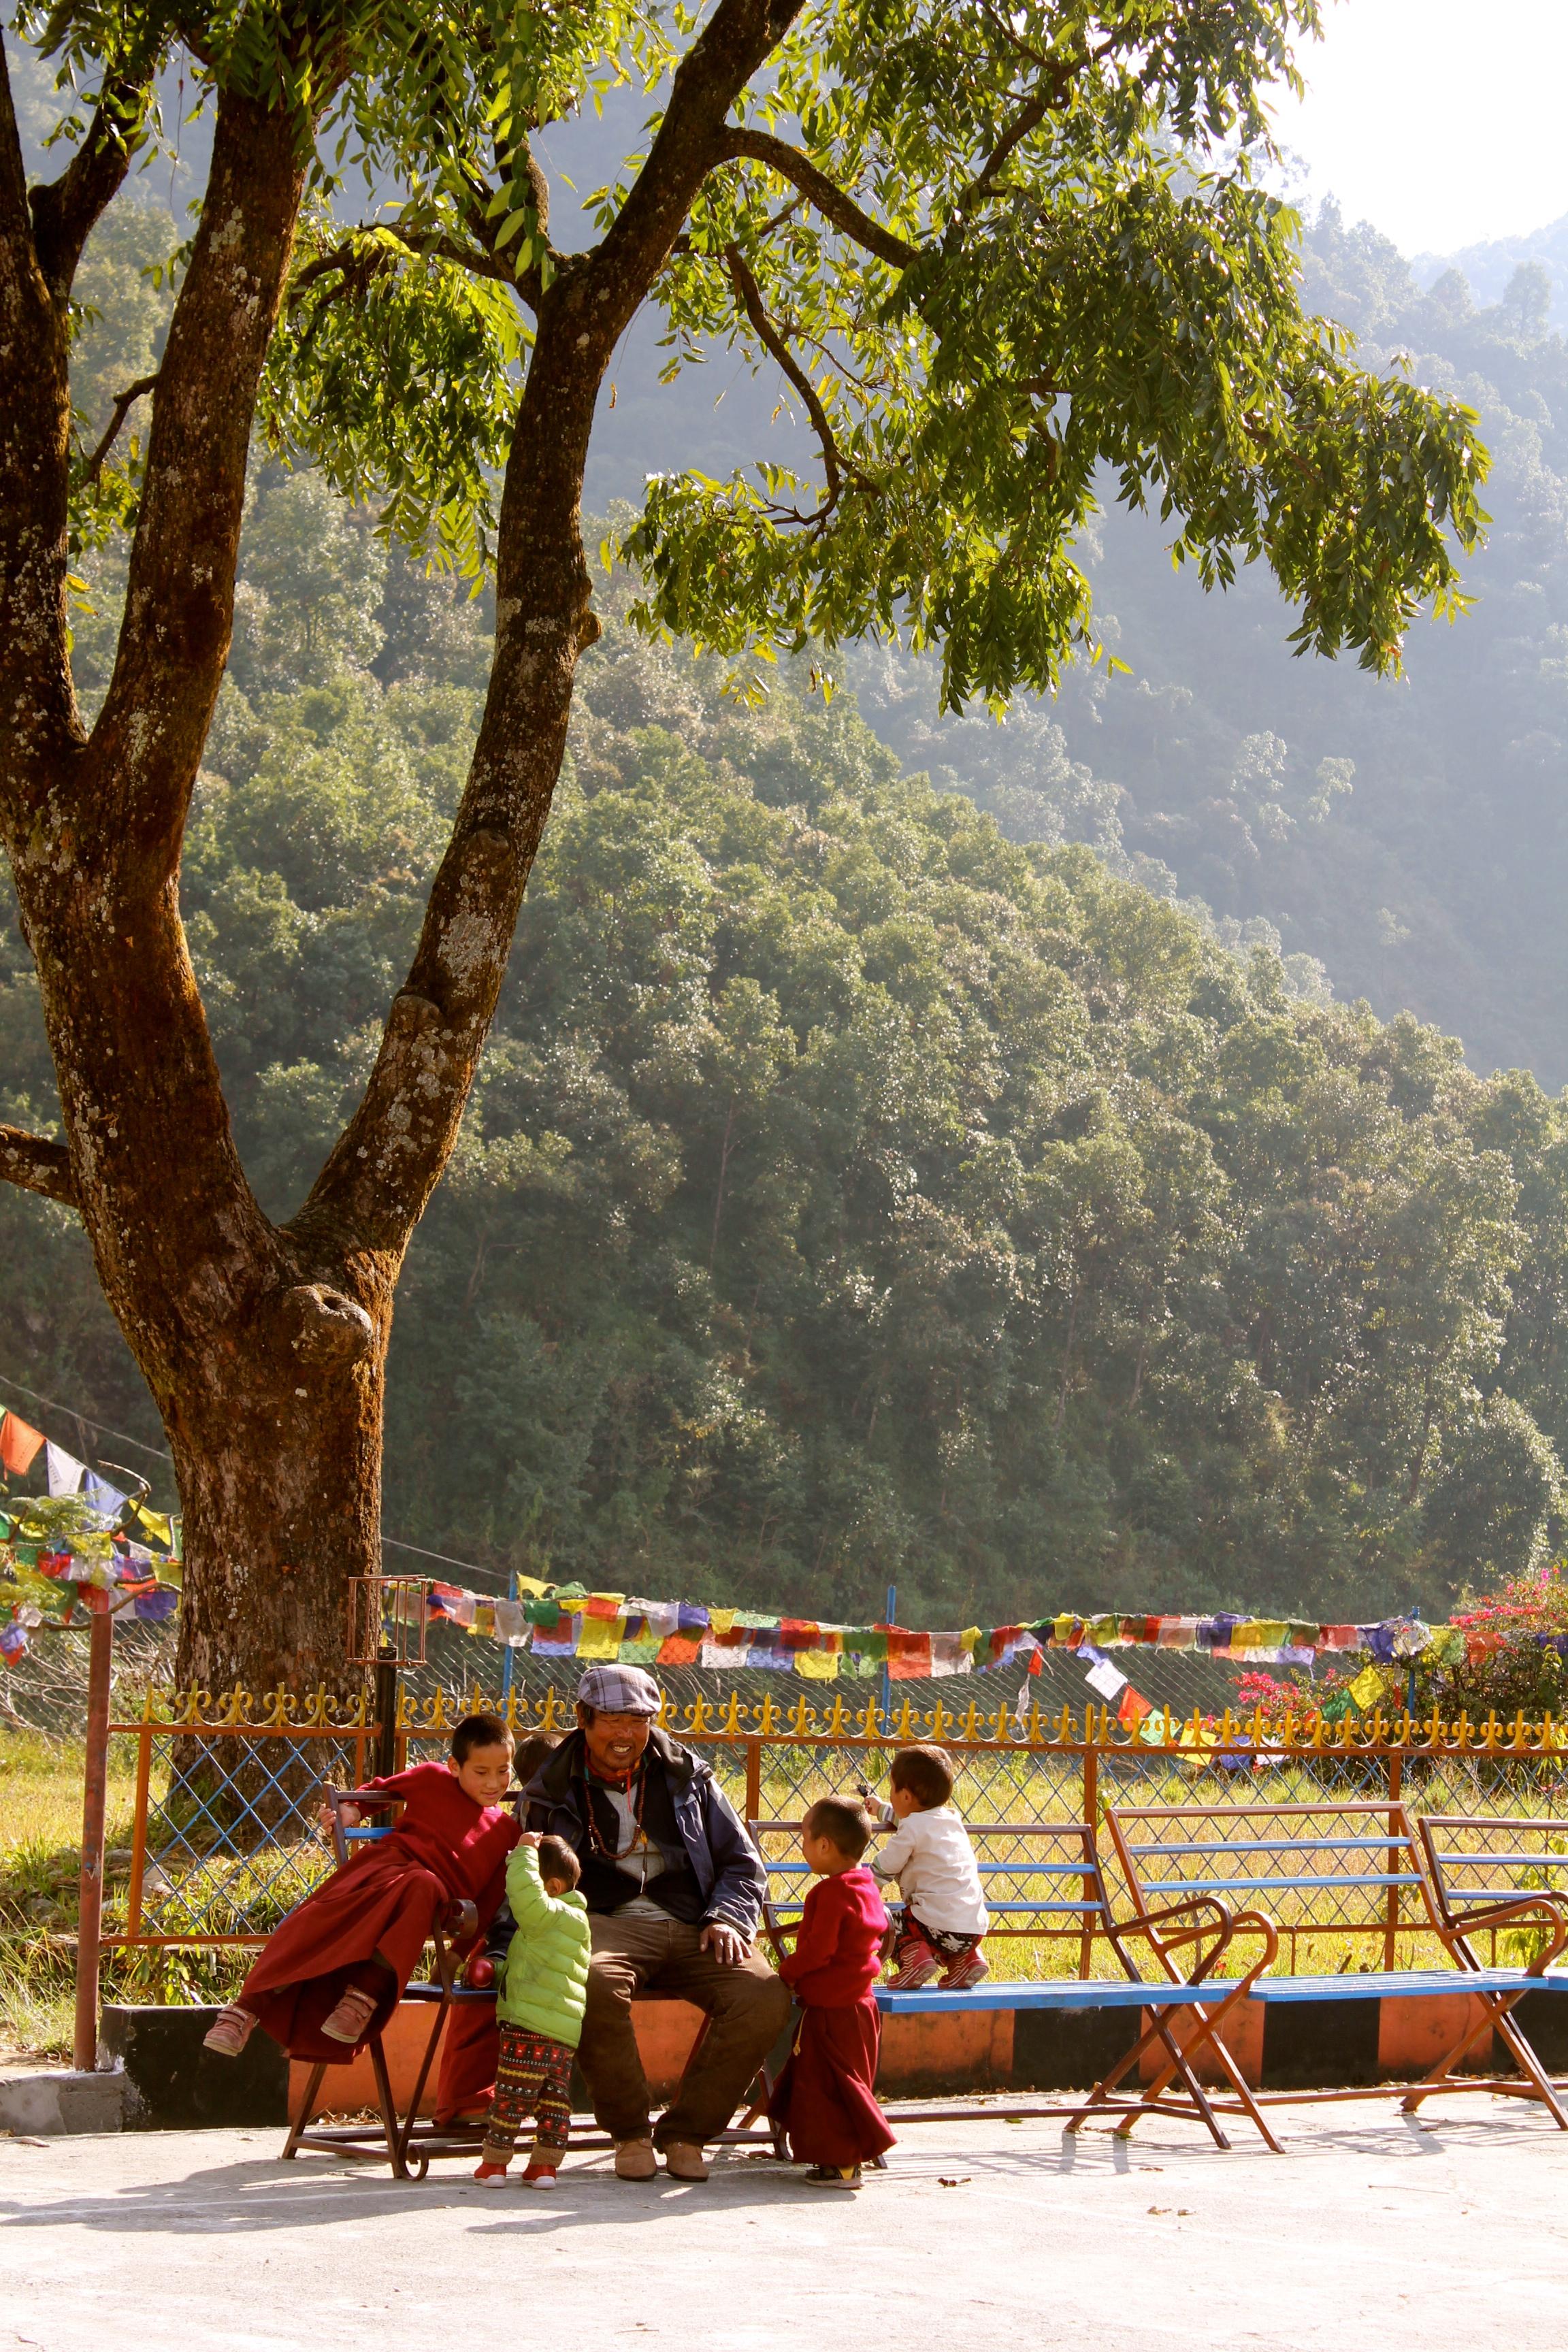 Hemja, Pokhara